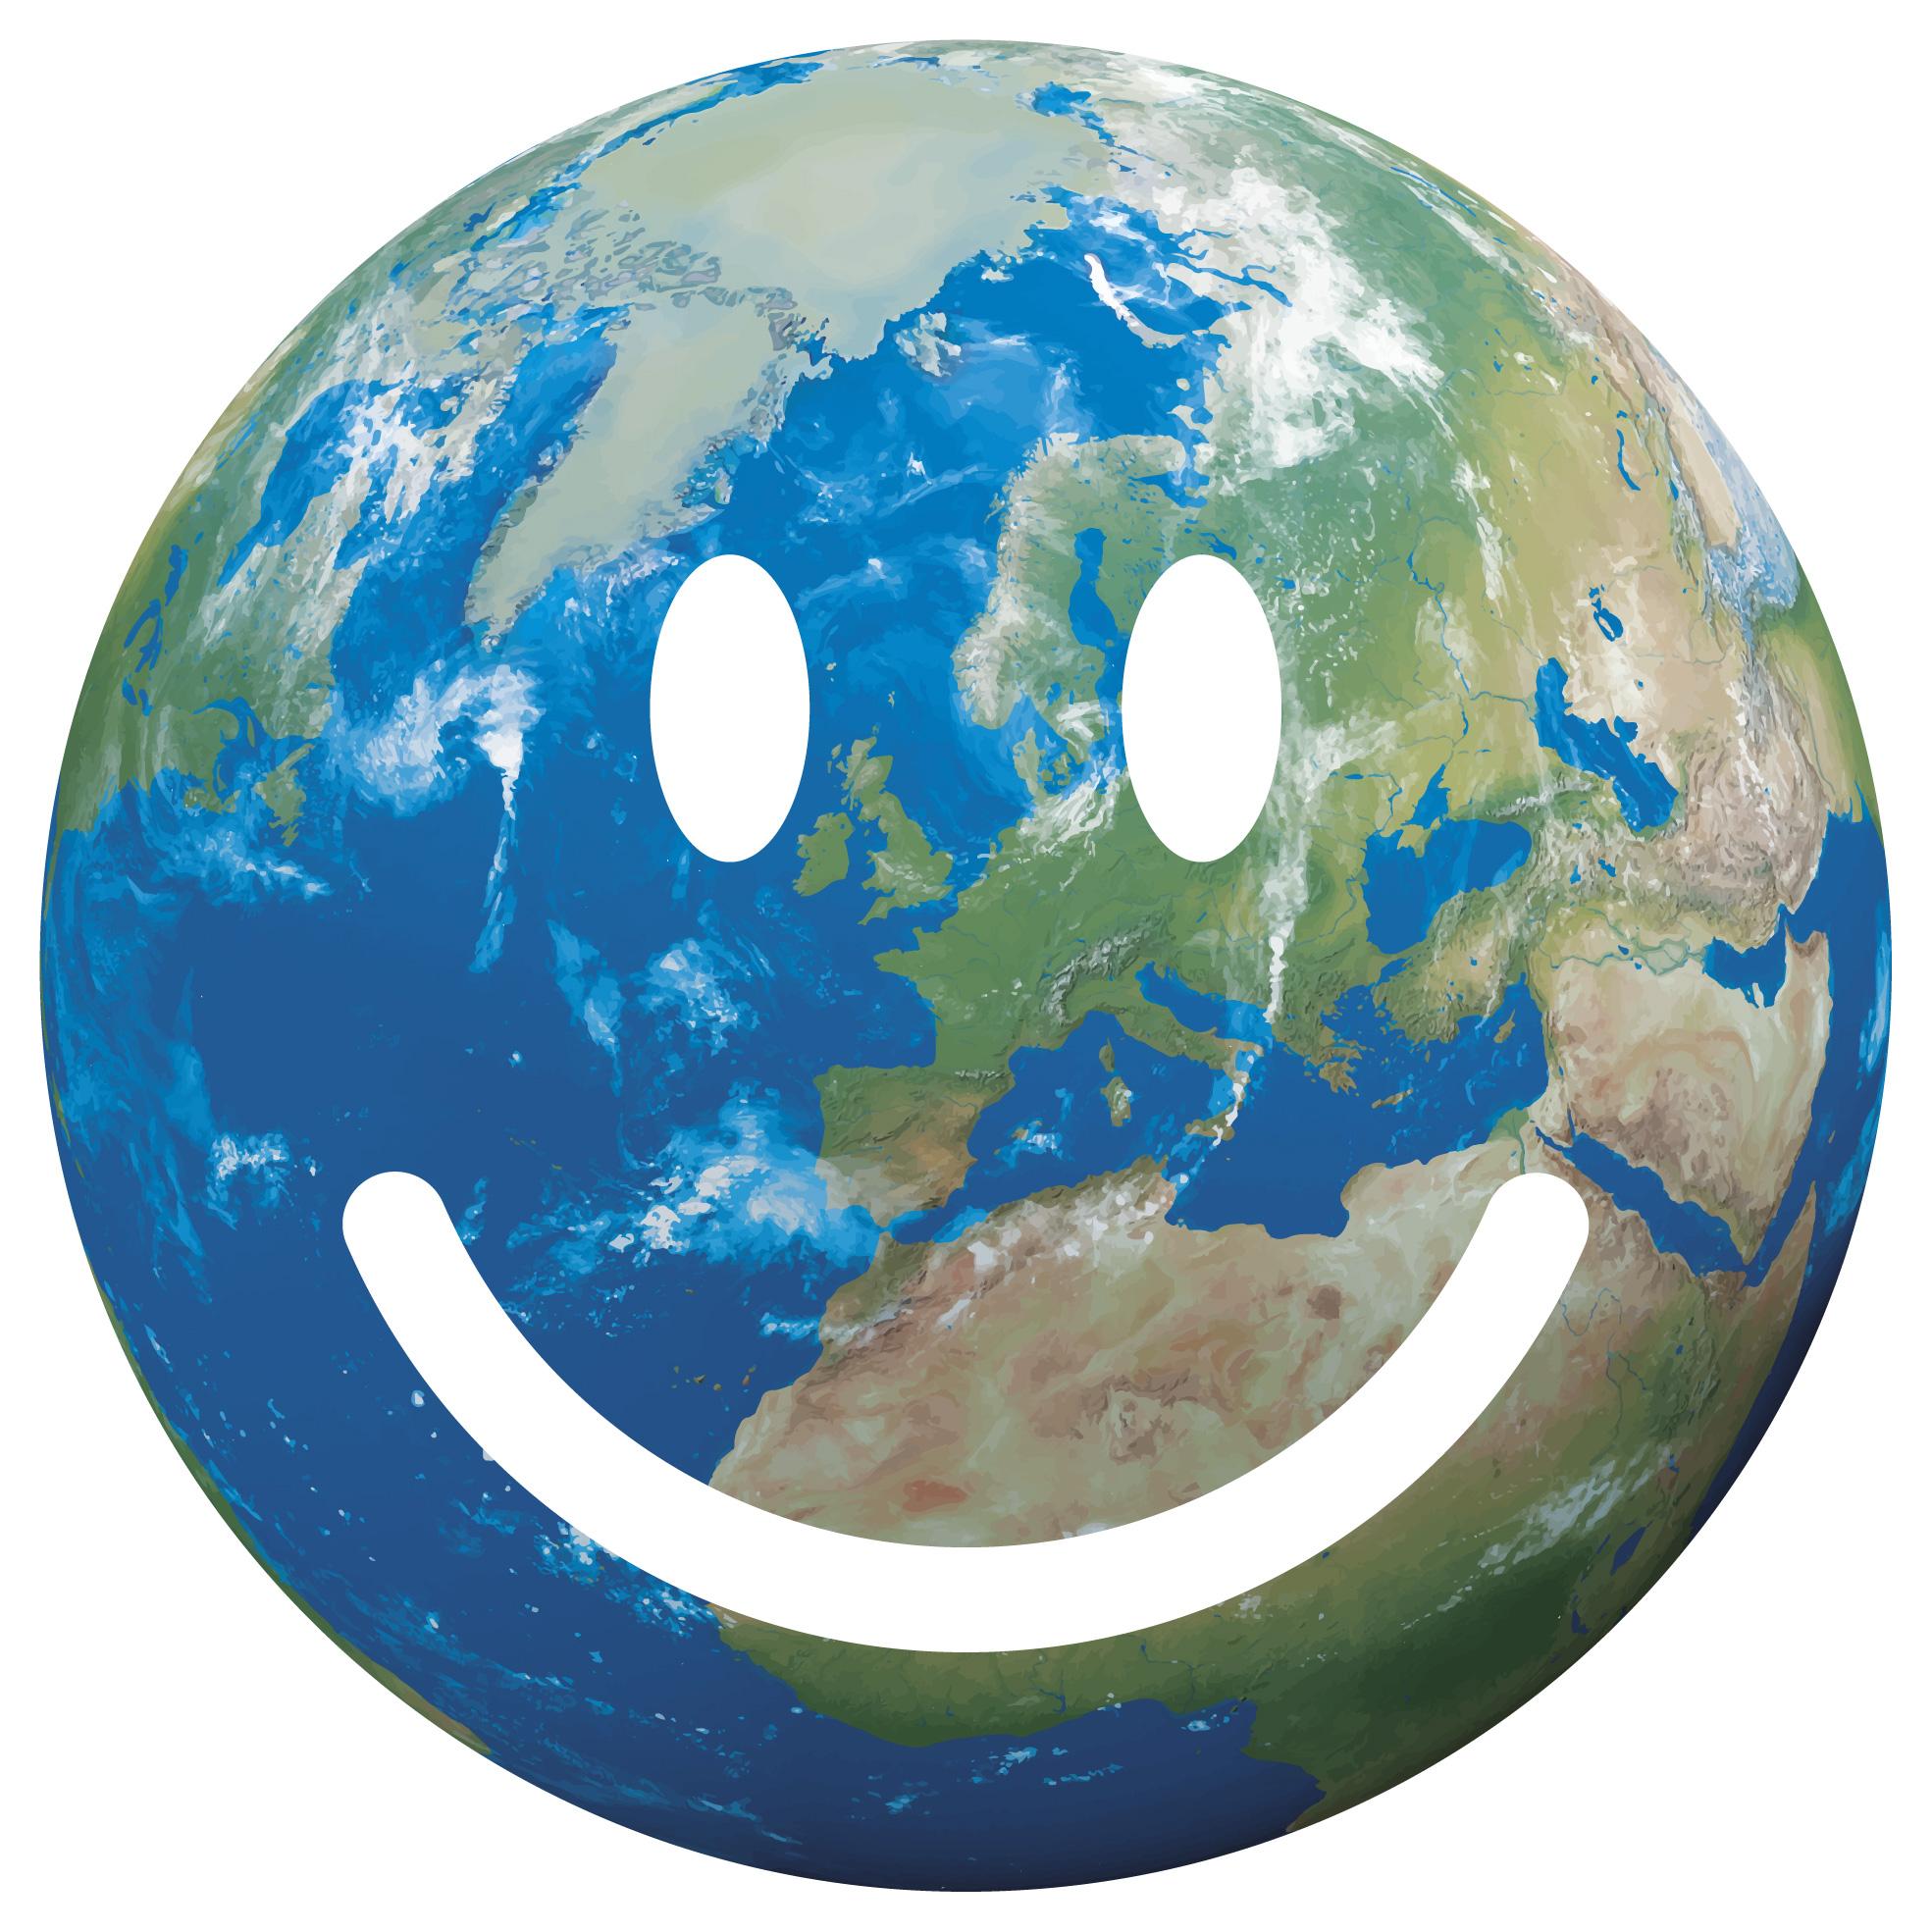 entité internationale dédiée au développement durable